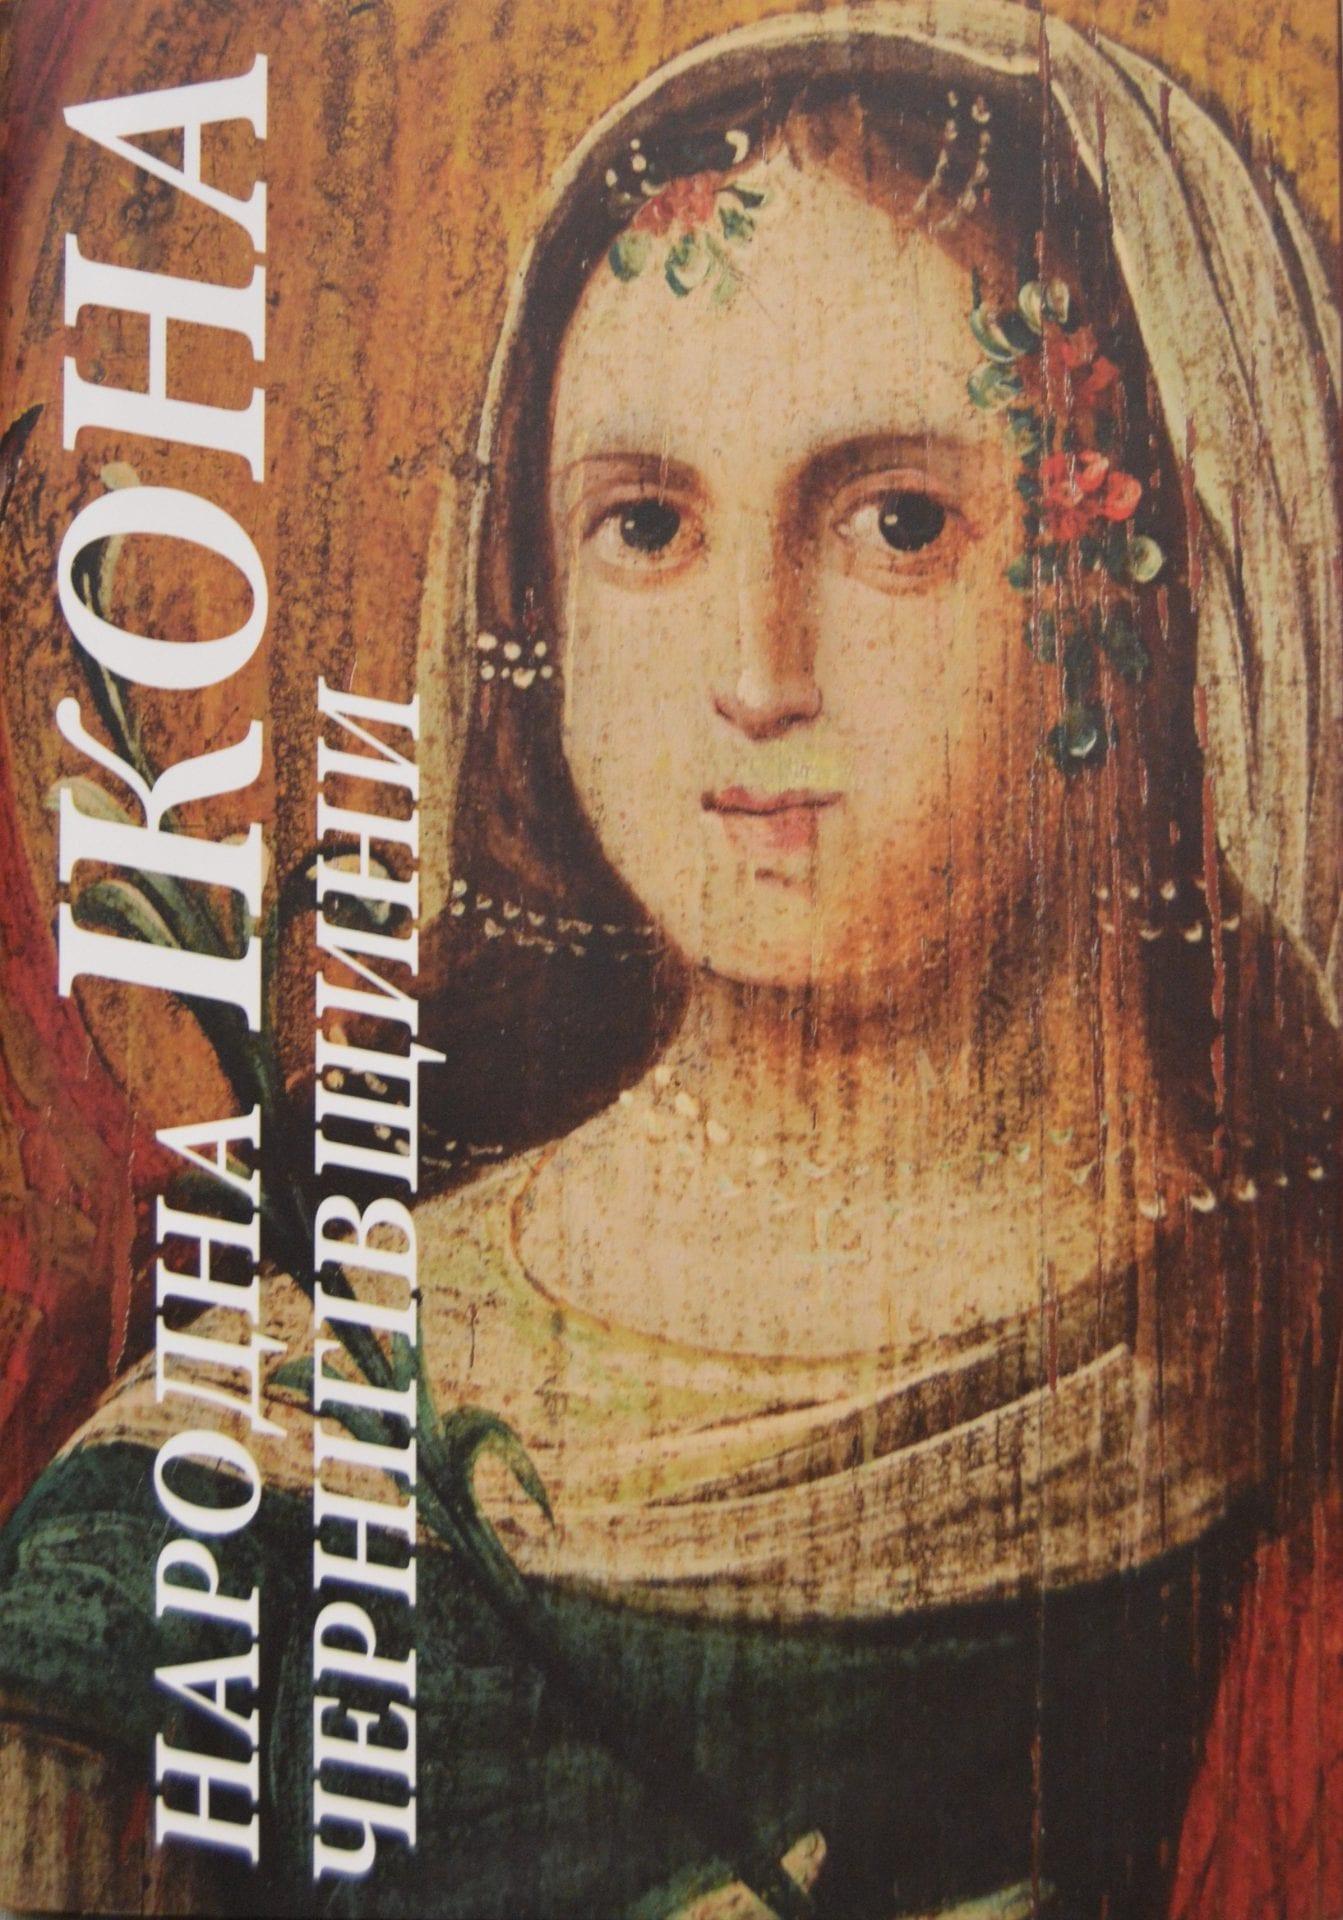 альбом народна ікона чернігівщини, книга